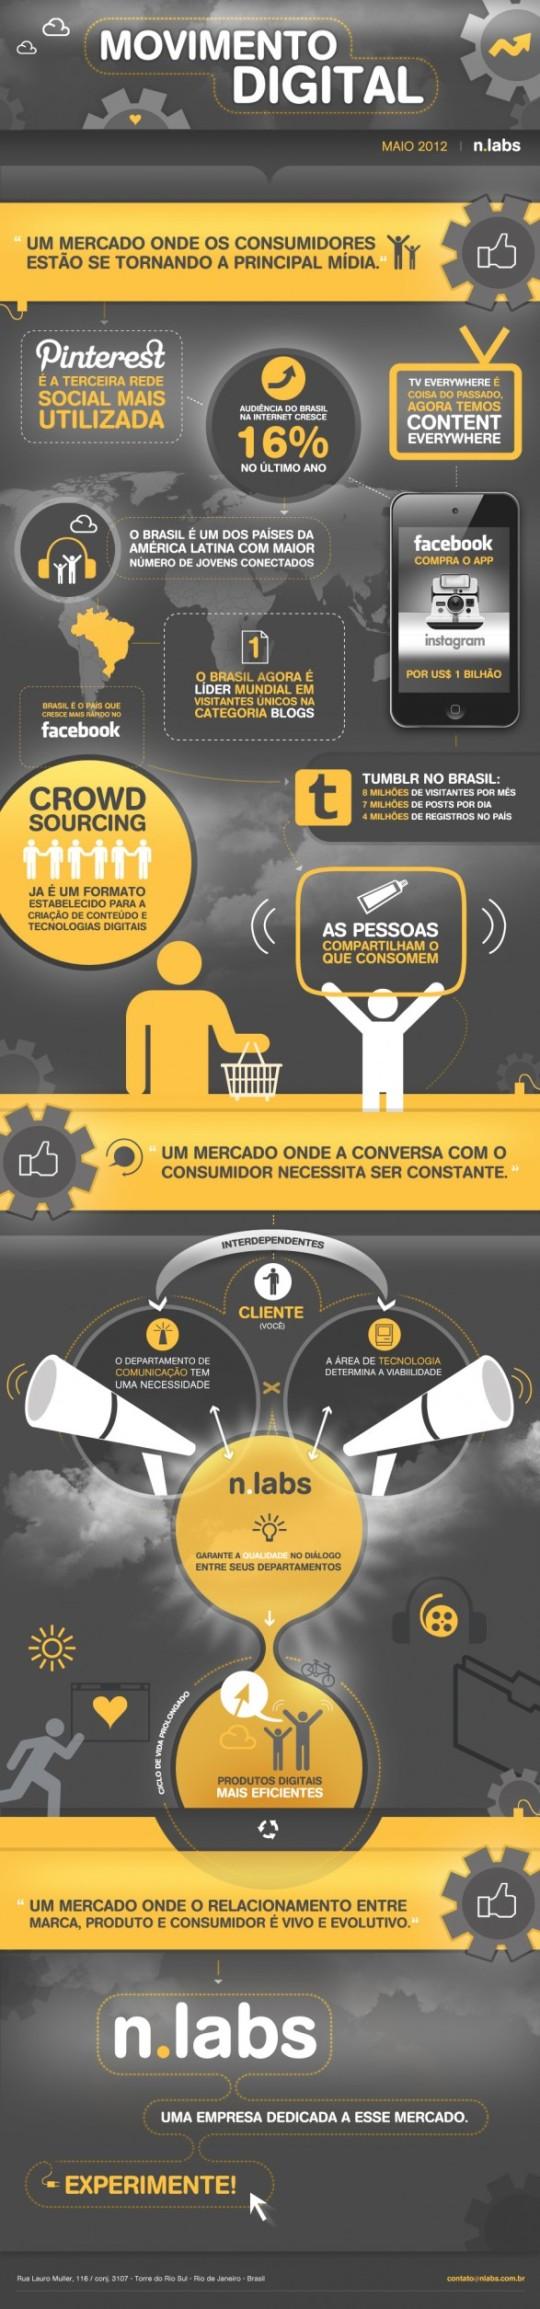 Infografía: Movimiento Digital